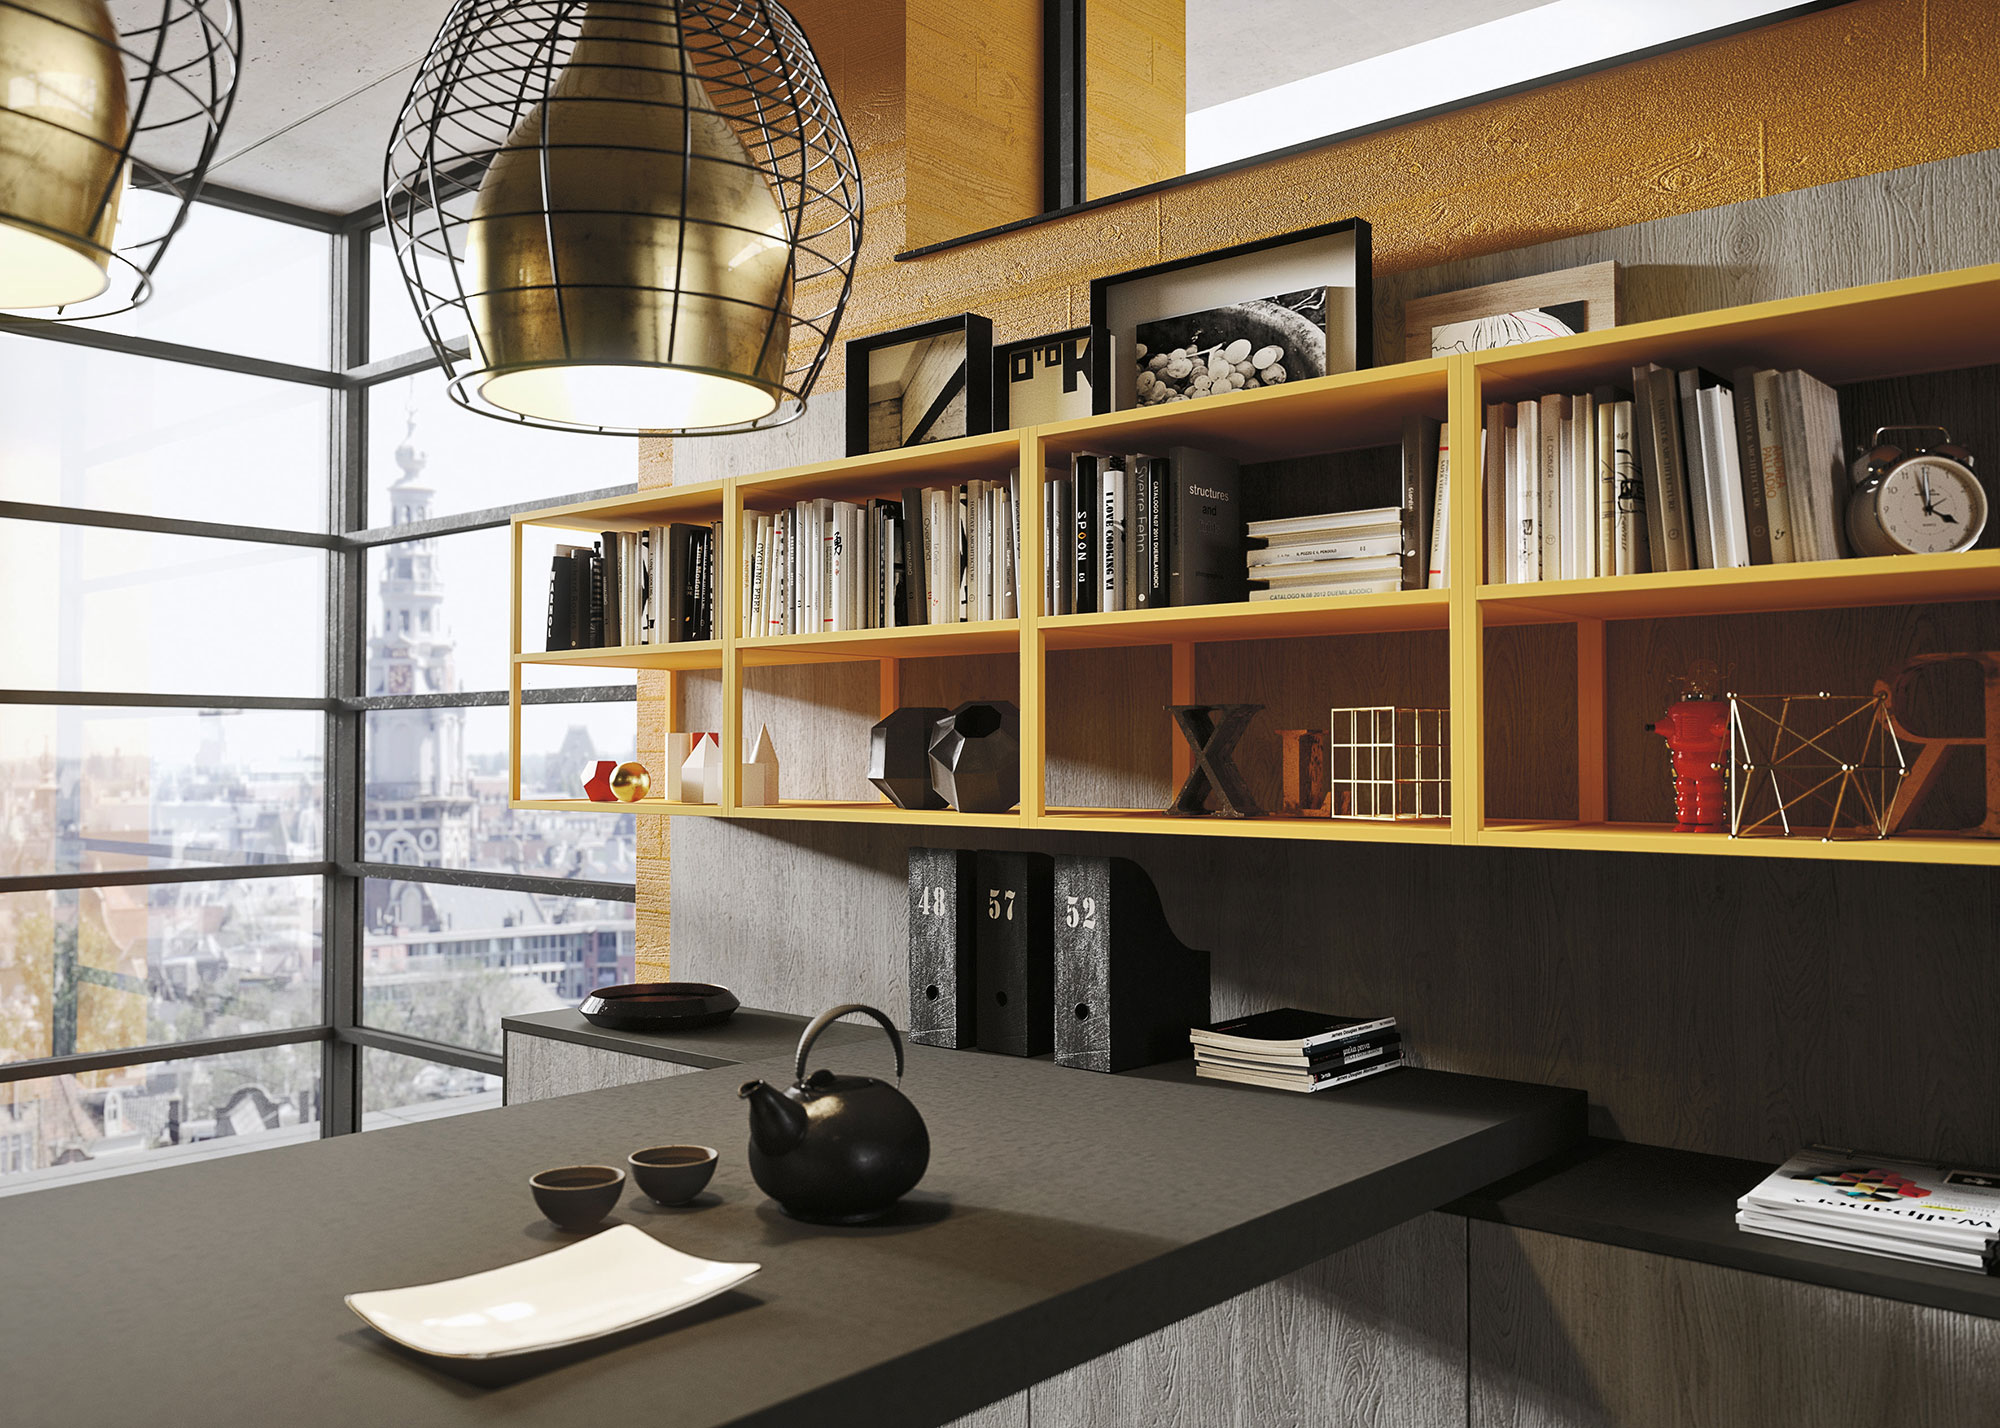 cucine-in-legno-design-loft-snaidero-dettaglio-9